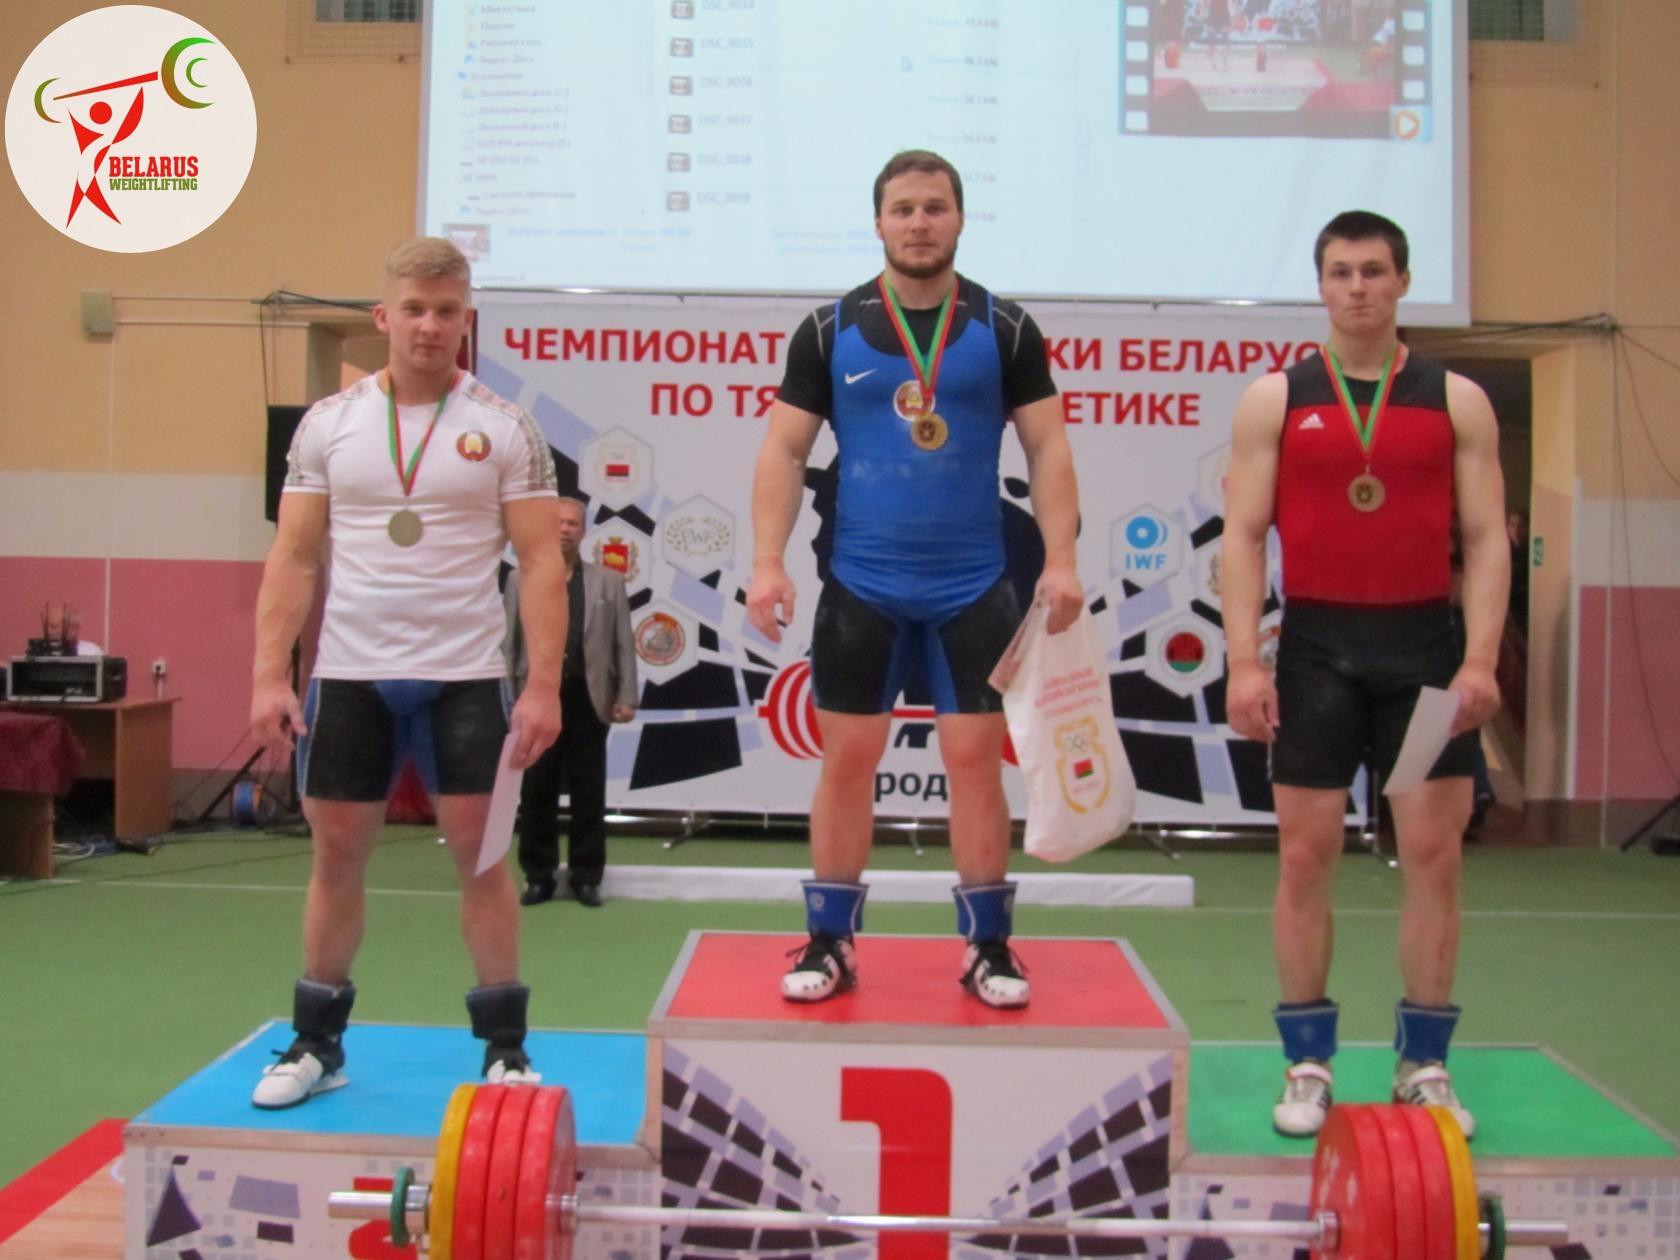 Paul Hodasevich, Peter Asaonok, Ilya Zhernovsky